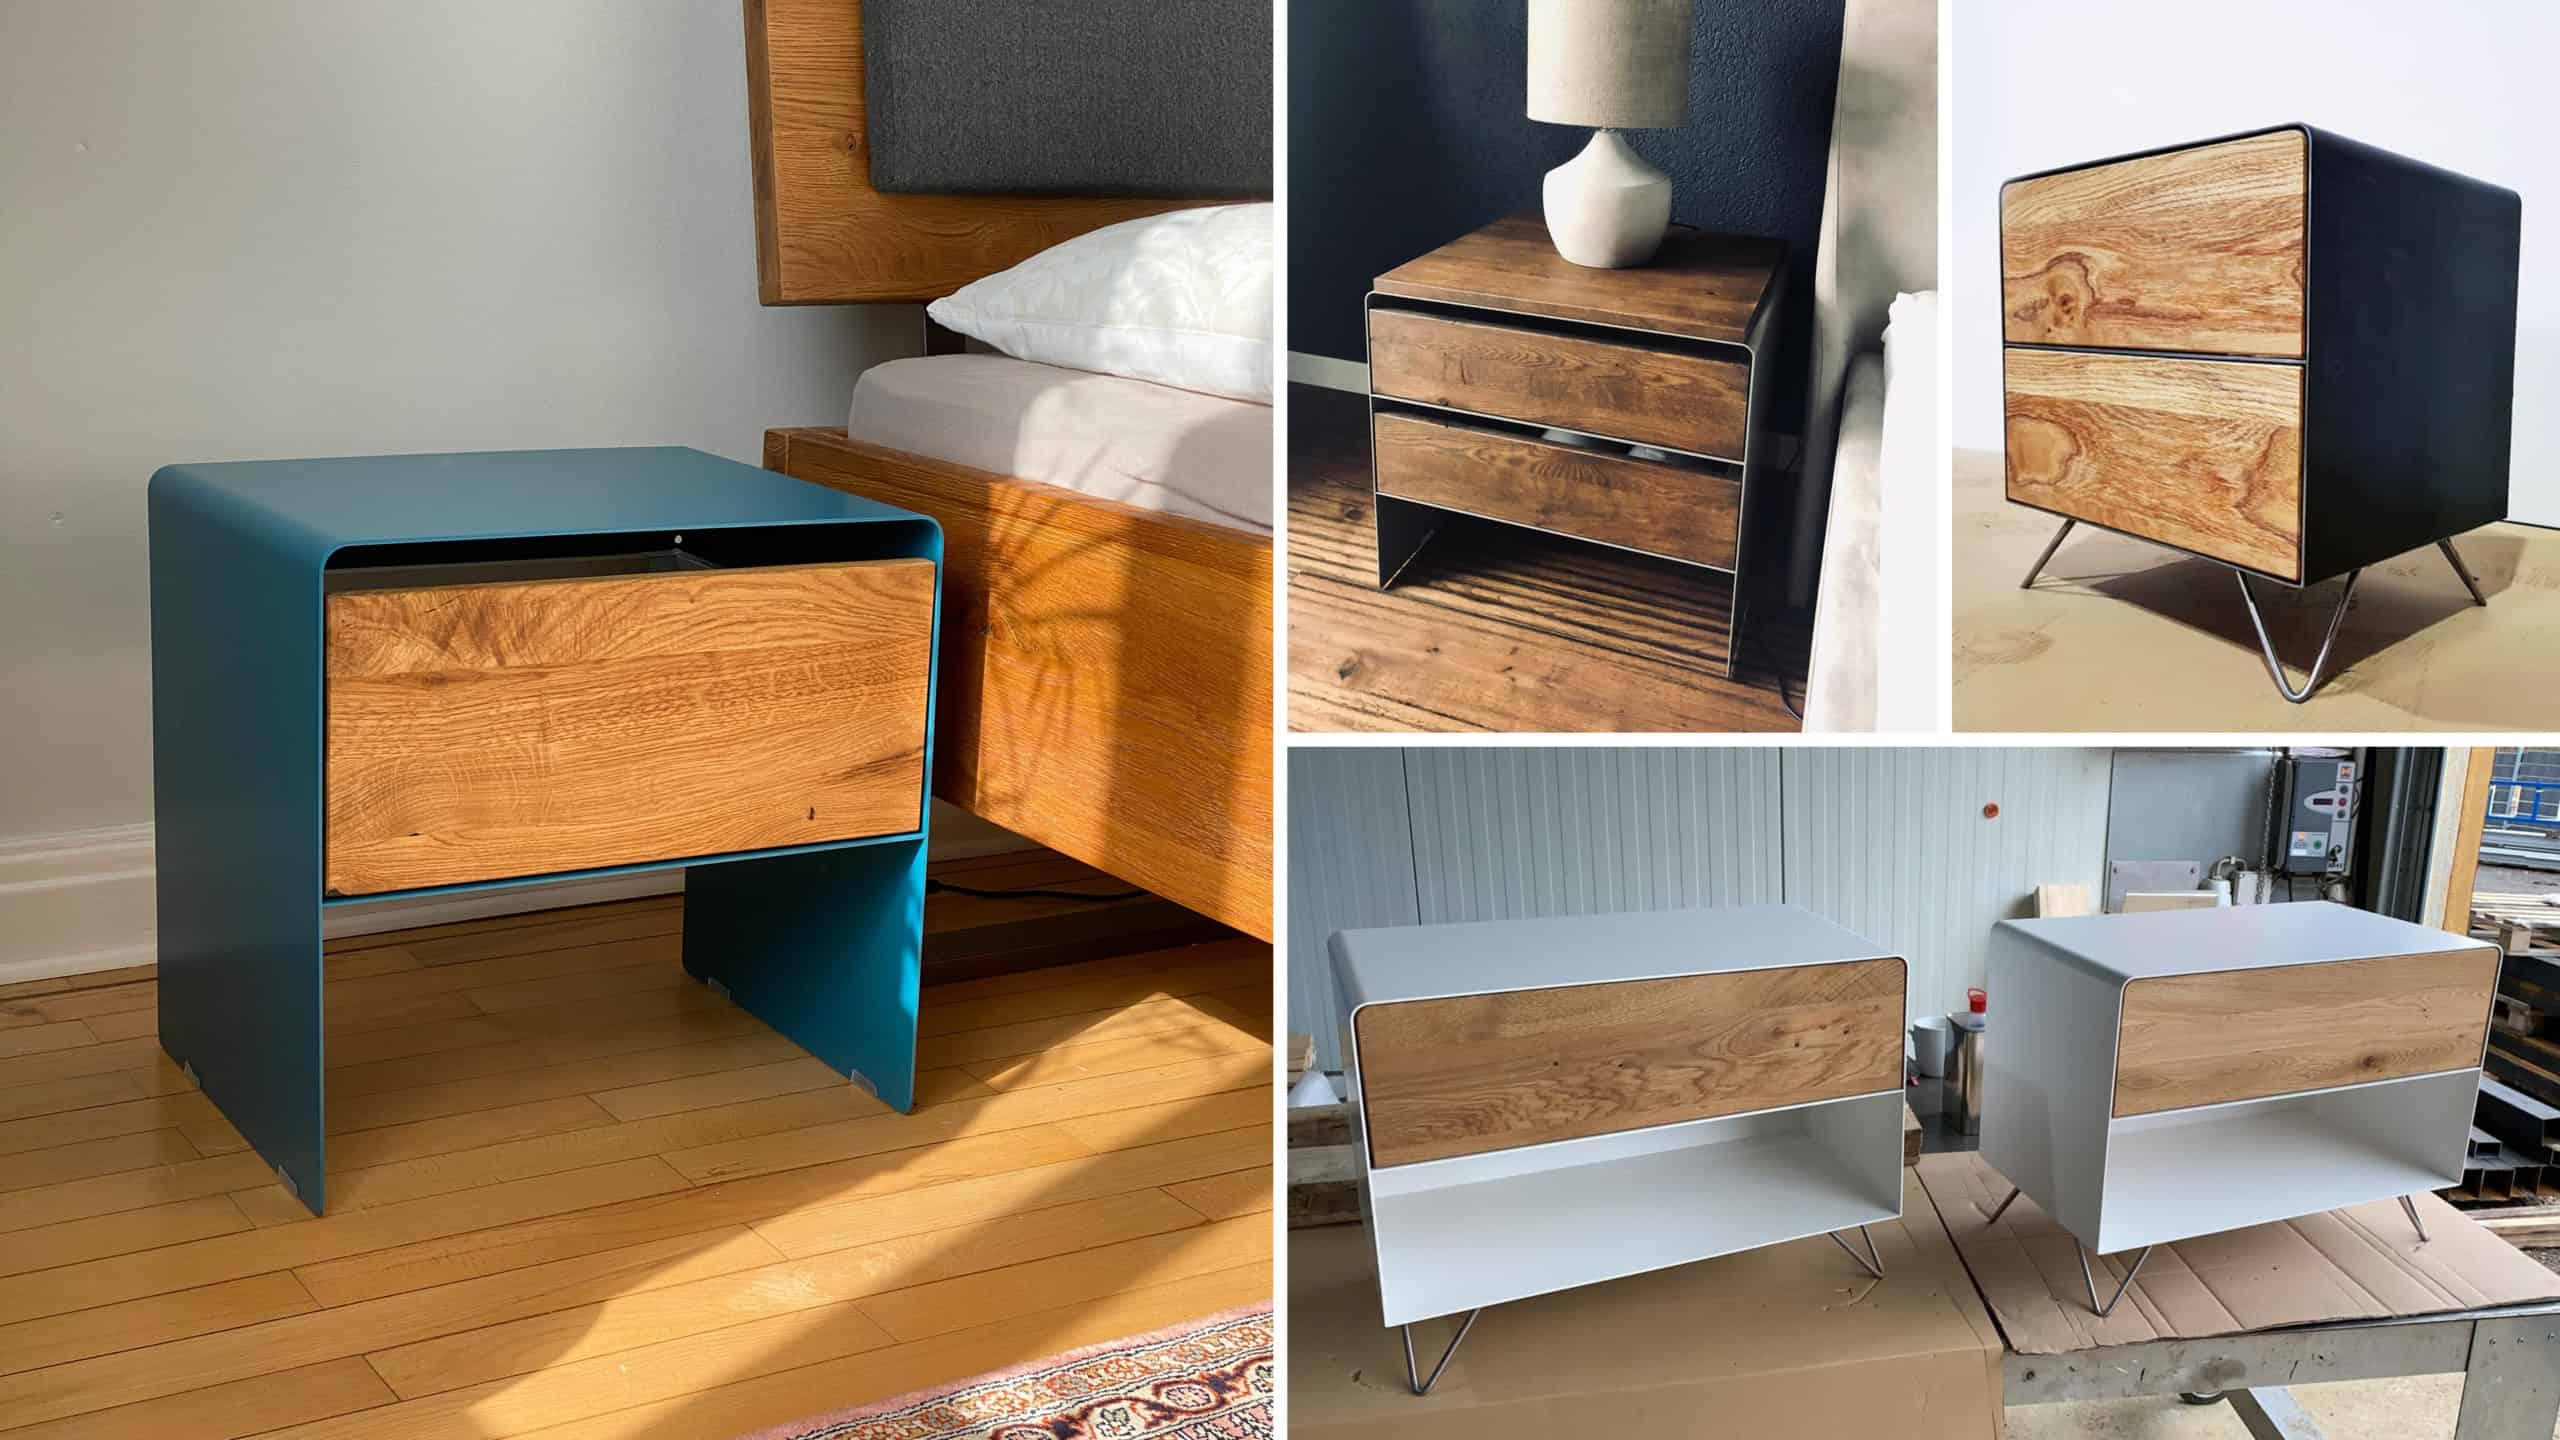 stahlzart-nachttisch-weiss-holz-eiche-schwarz-grau-metall-modern-design-massivholz-wildeiche-nussbaum-stahl-mit-schubladen-mit-rollen-haengend-fuer-boxspringbett-designermoebel